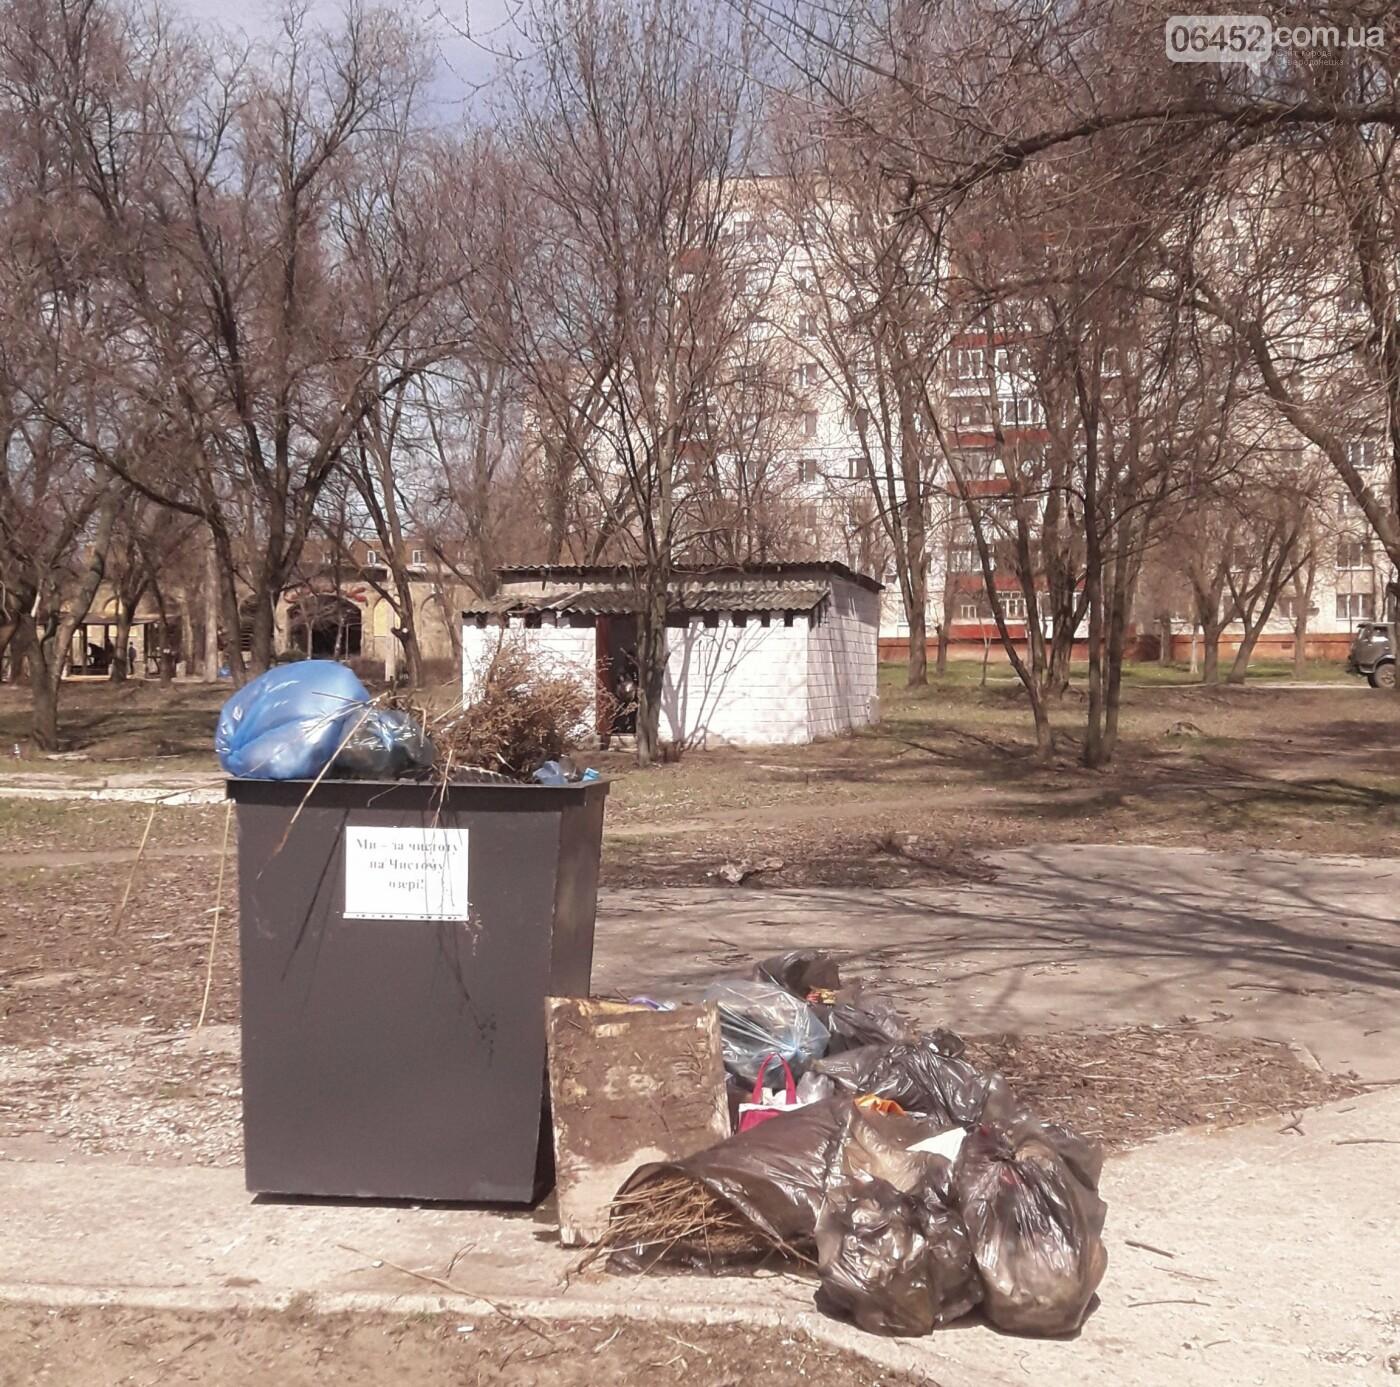 Жителей города Северодонецк призывают присоединиться к акции «За чистую окружающую среду», фото-1